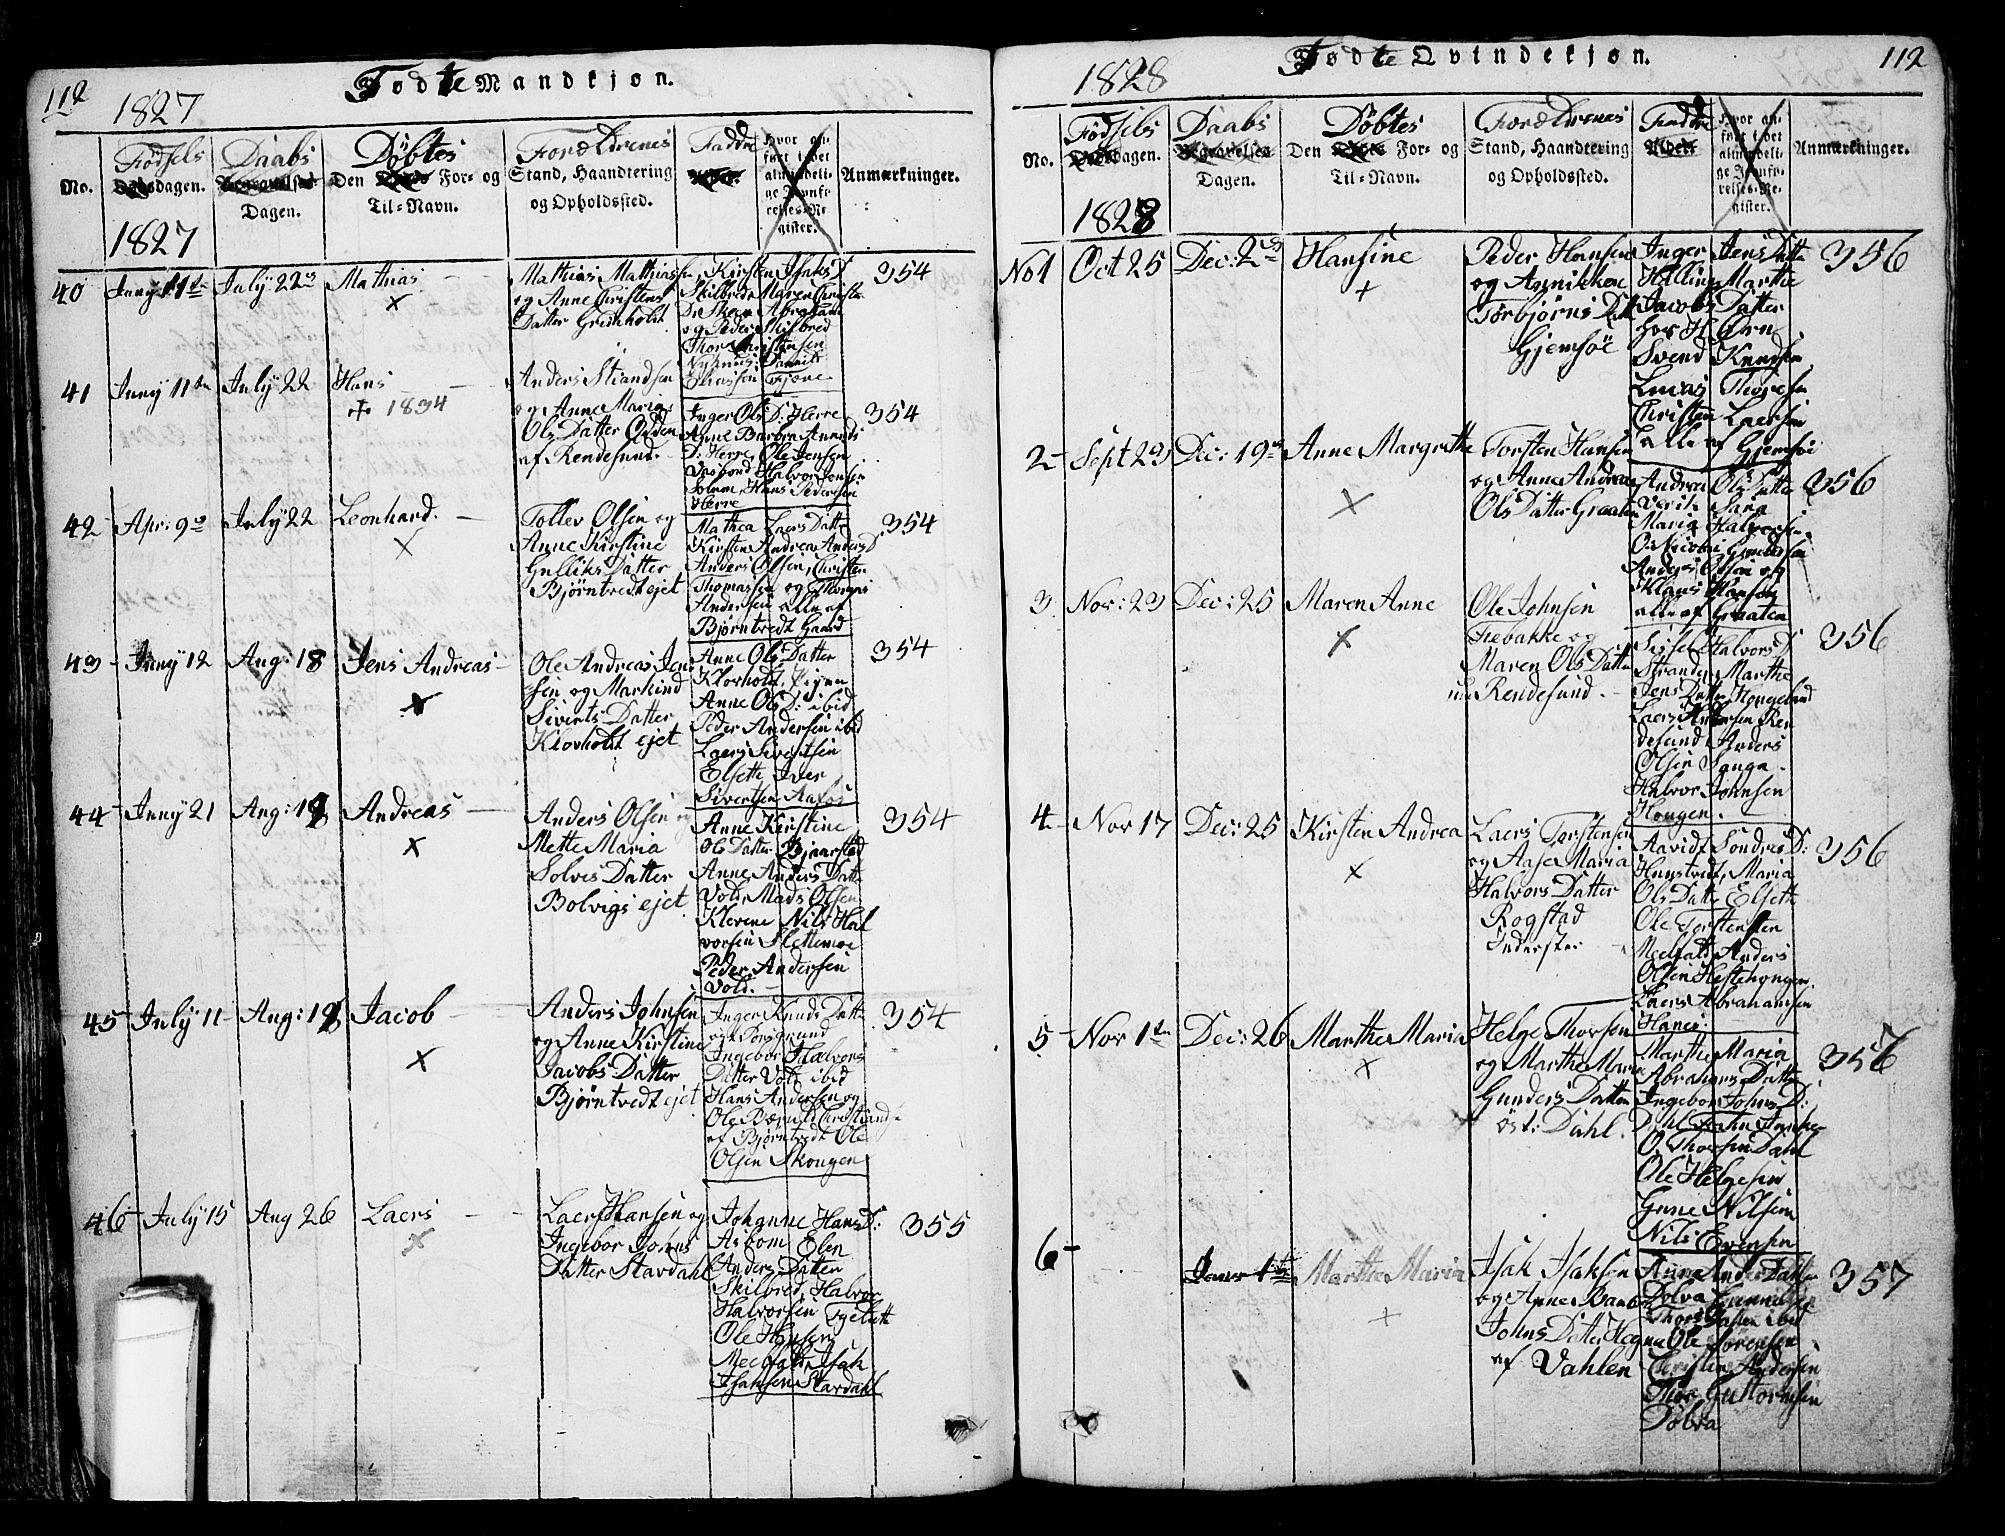 SAKO, Solum kirkebøker, G/Ga/L0001: Klokkerbok nr. I 1, 1814-1833, s. 112